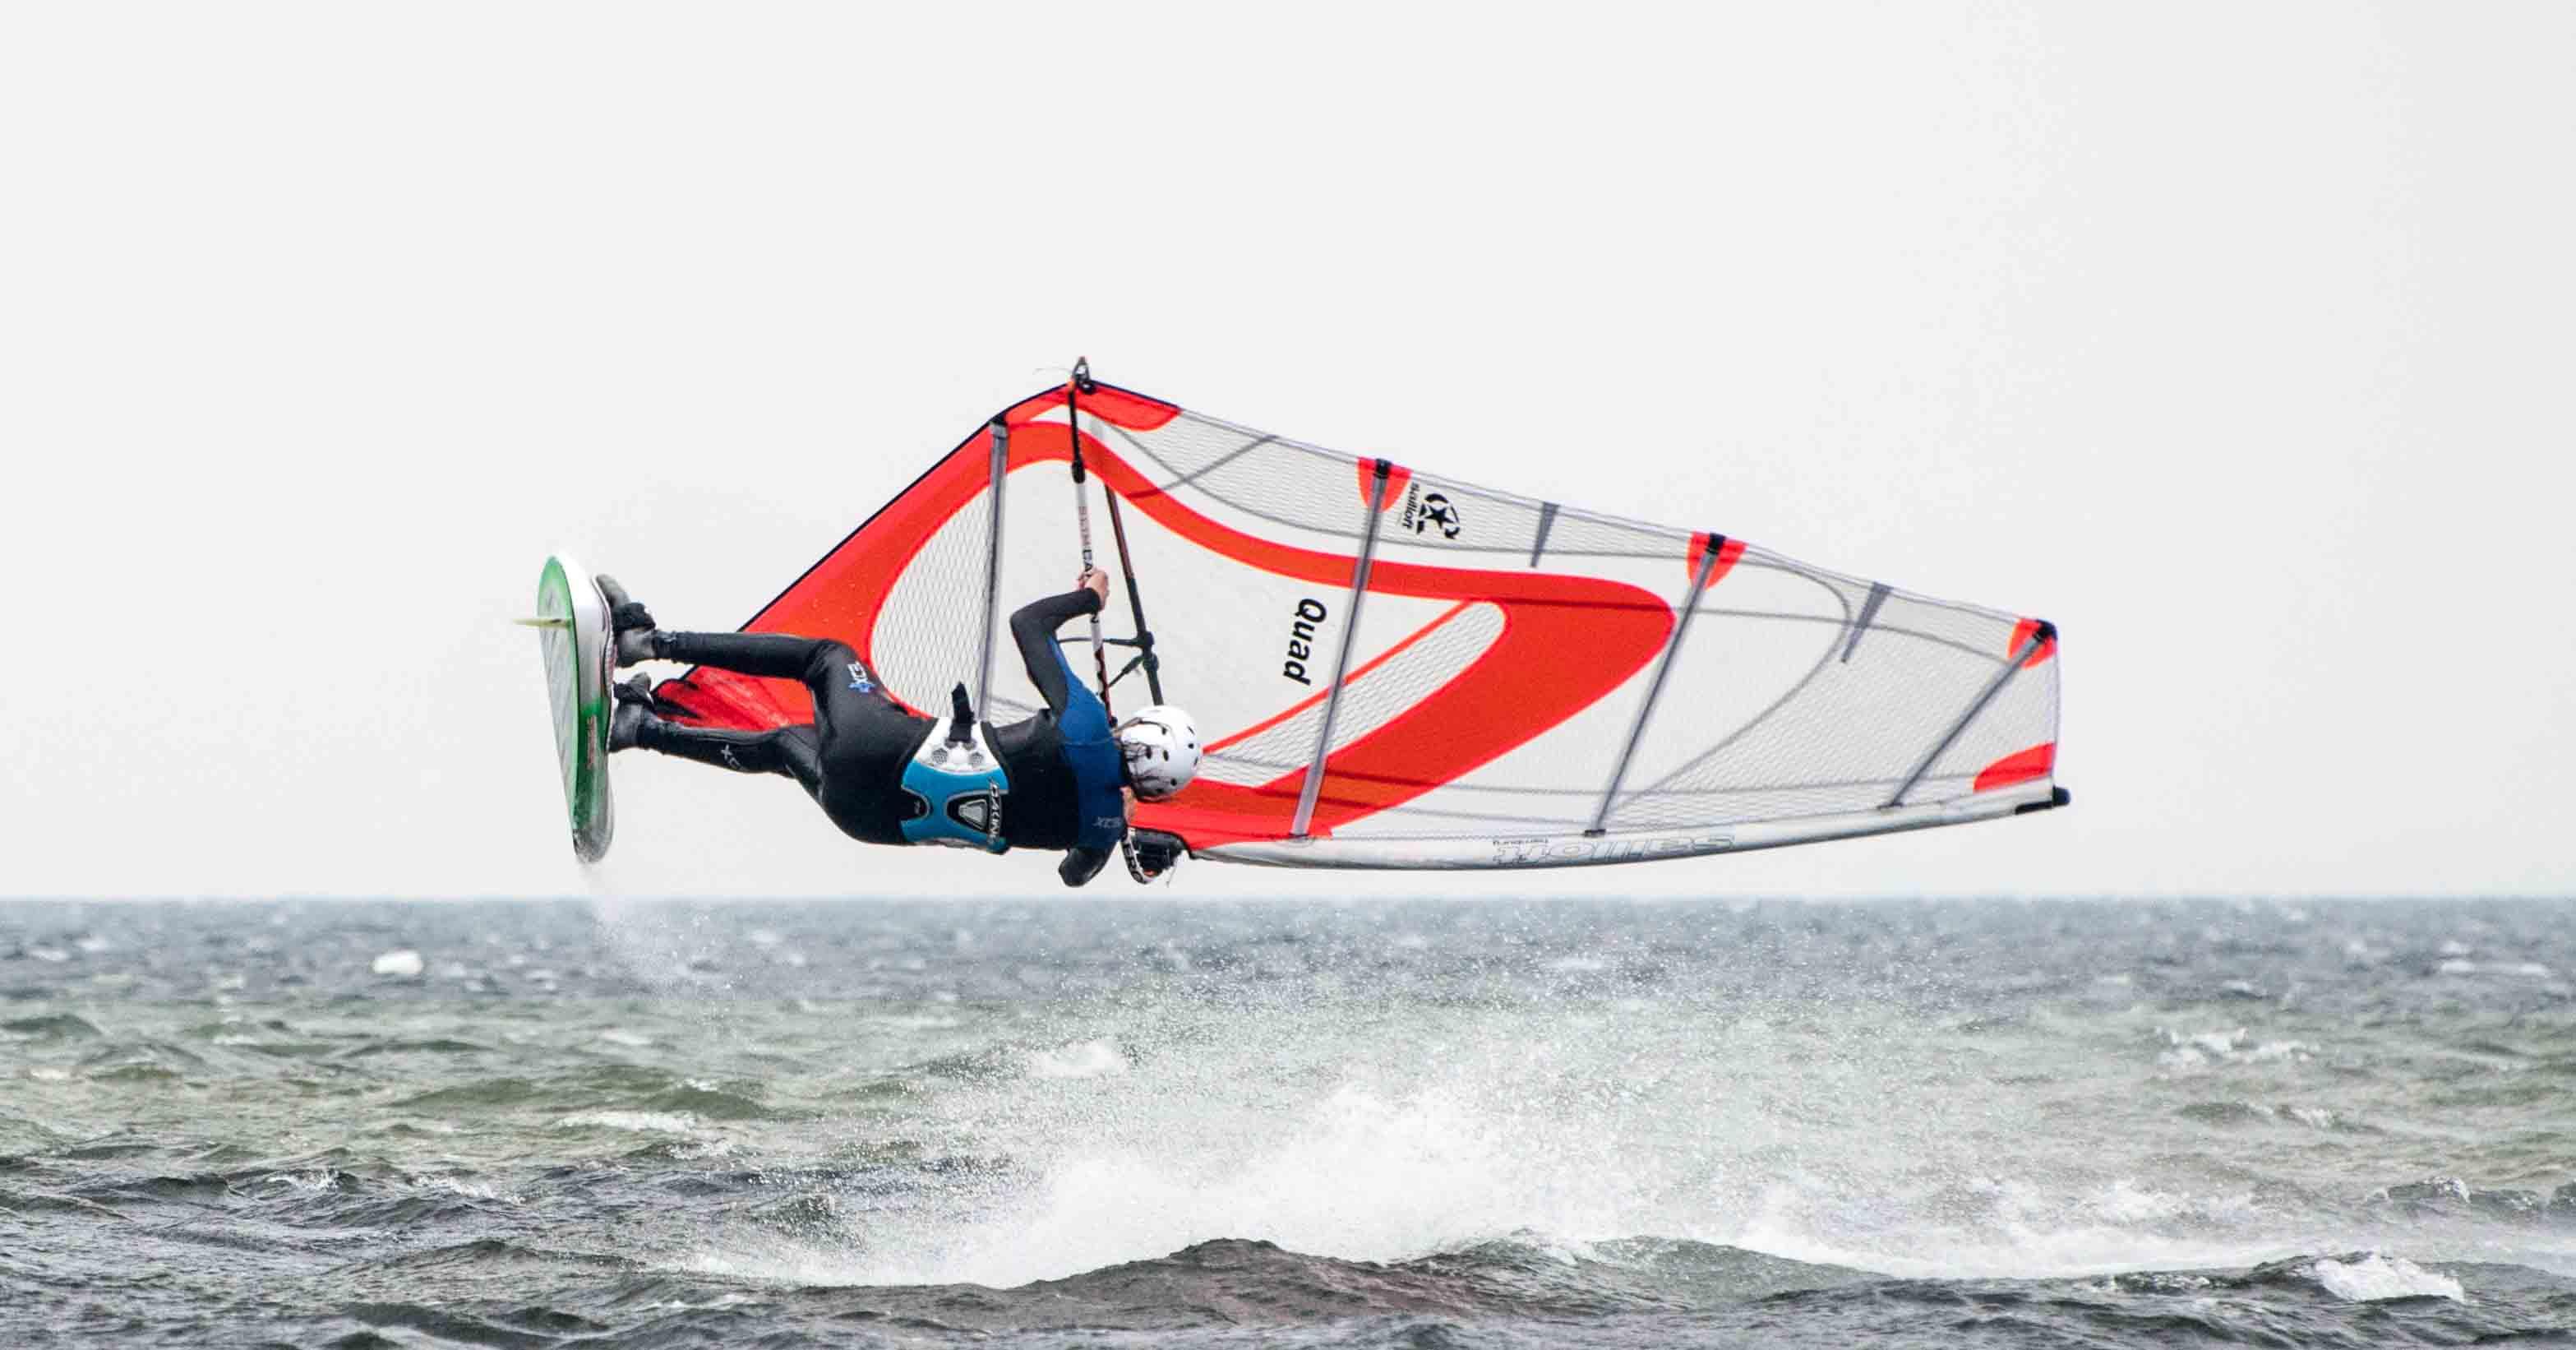 windsurfing-lomma-skåne-malmö